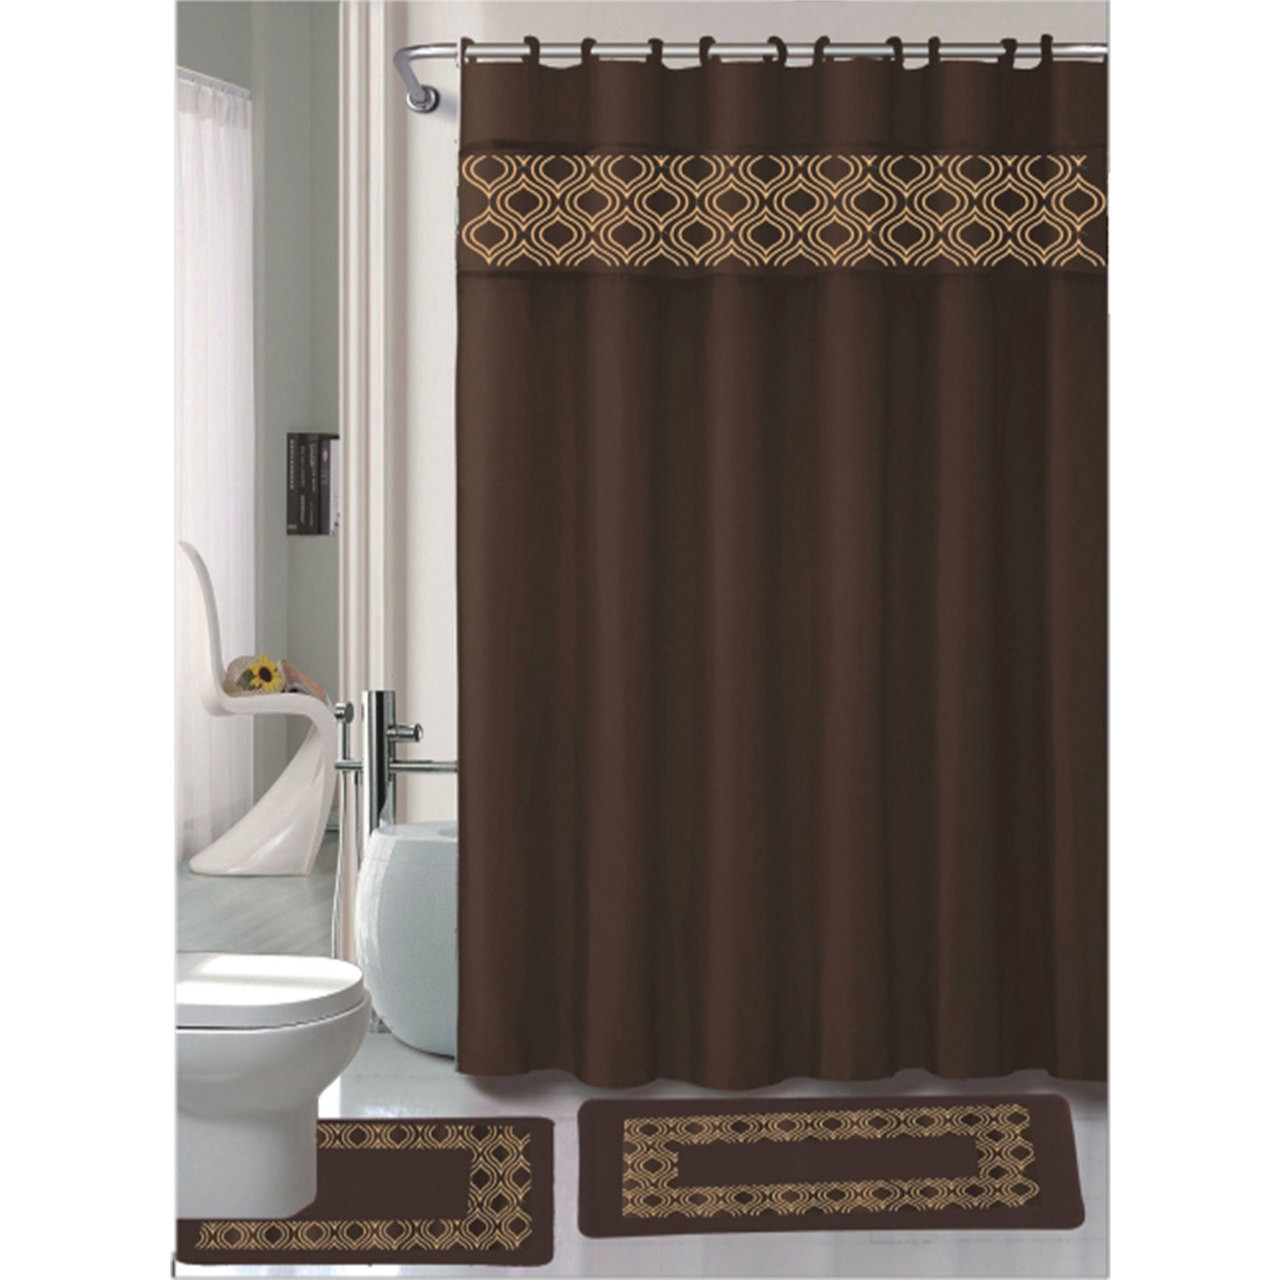 Gabrielle Chocolate 15 Pc Bathroom Accessories Set, Bath Mat, Contour Rug,  Shower Curtain